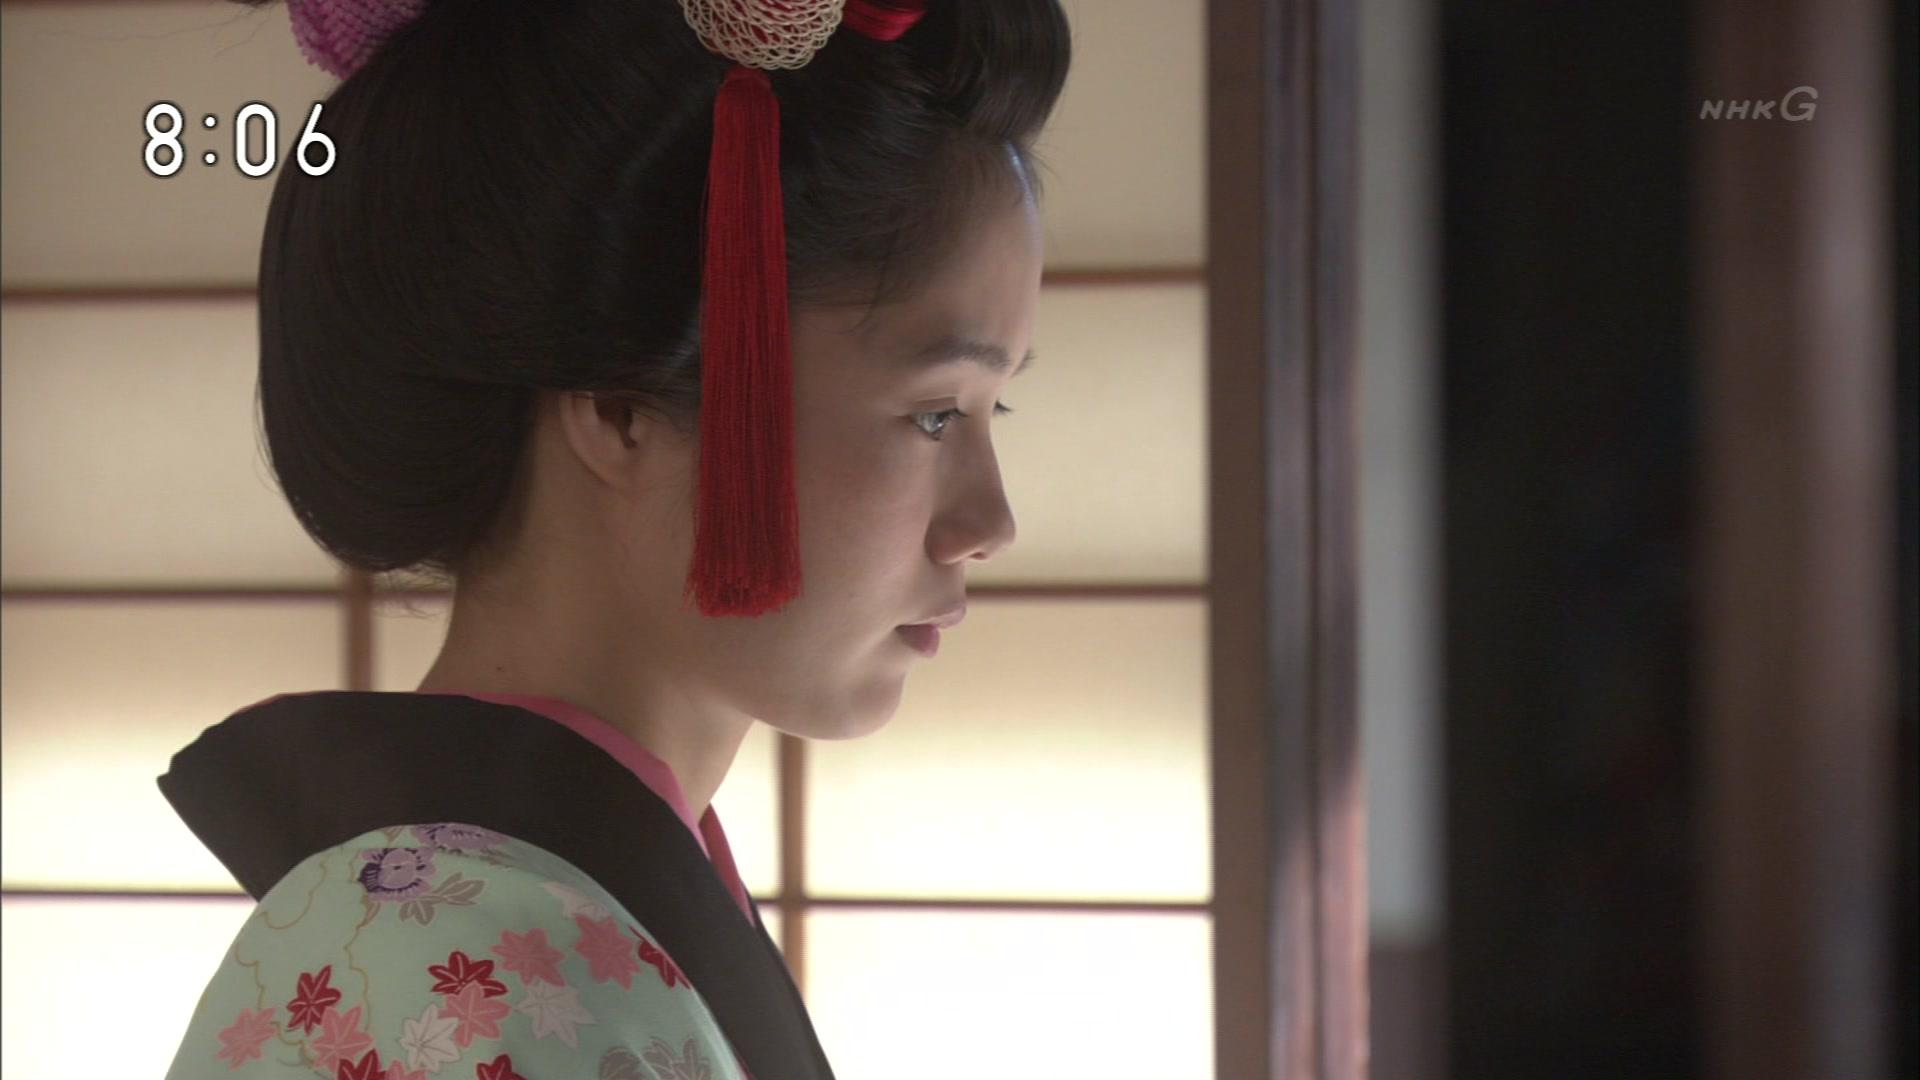 2015-10-05 08:00 連続テレビ小説 あさが来た(7)「ふたつの花びら」 1188